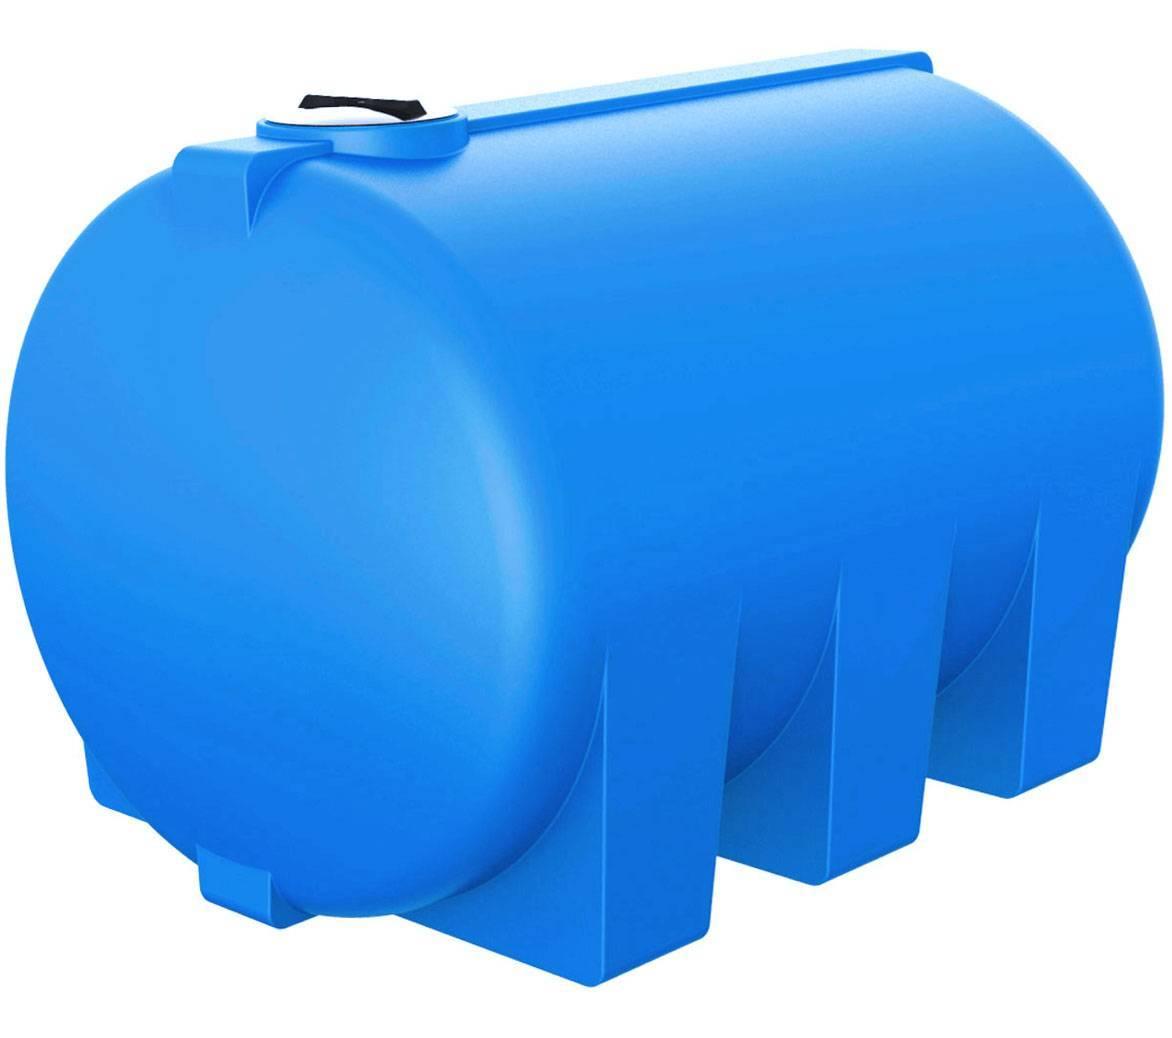 Резервуары для воды из пластика: виды, особенности конструкции, плюсы и минусы, критерии выбора